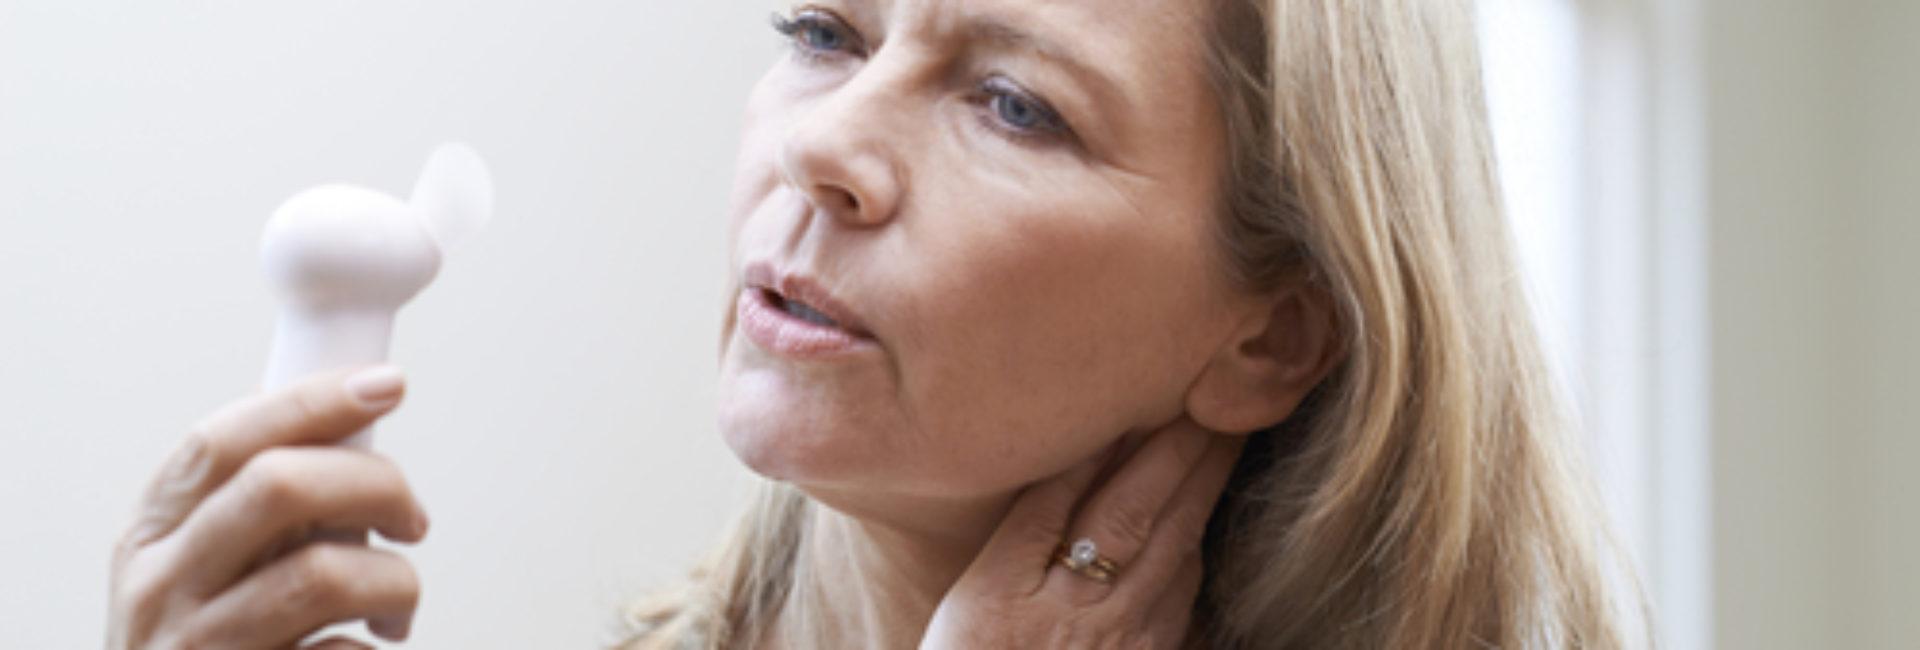 Akupunktur ved hetetokter